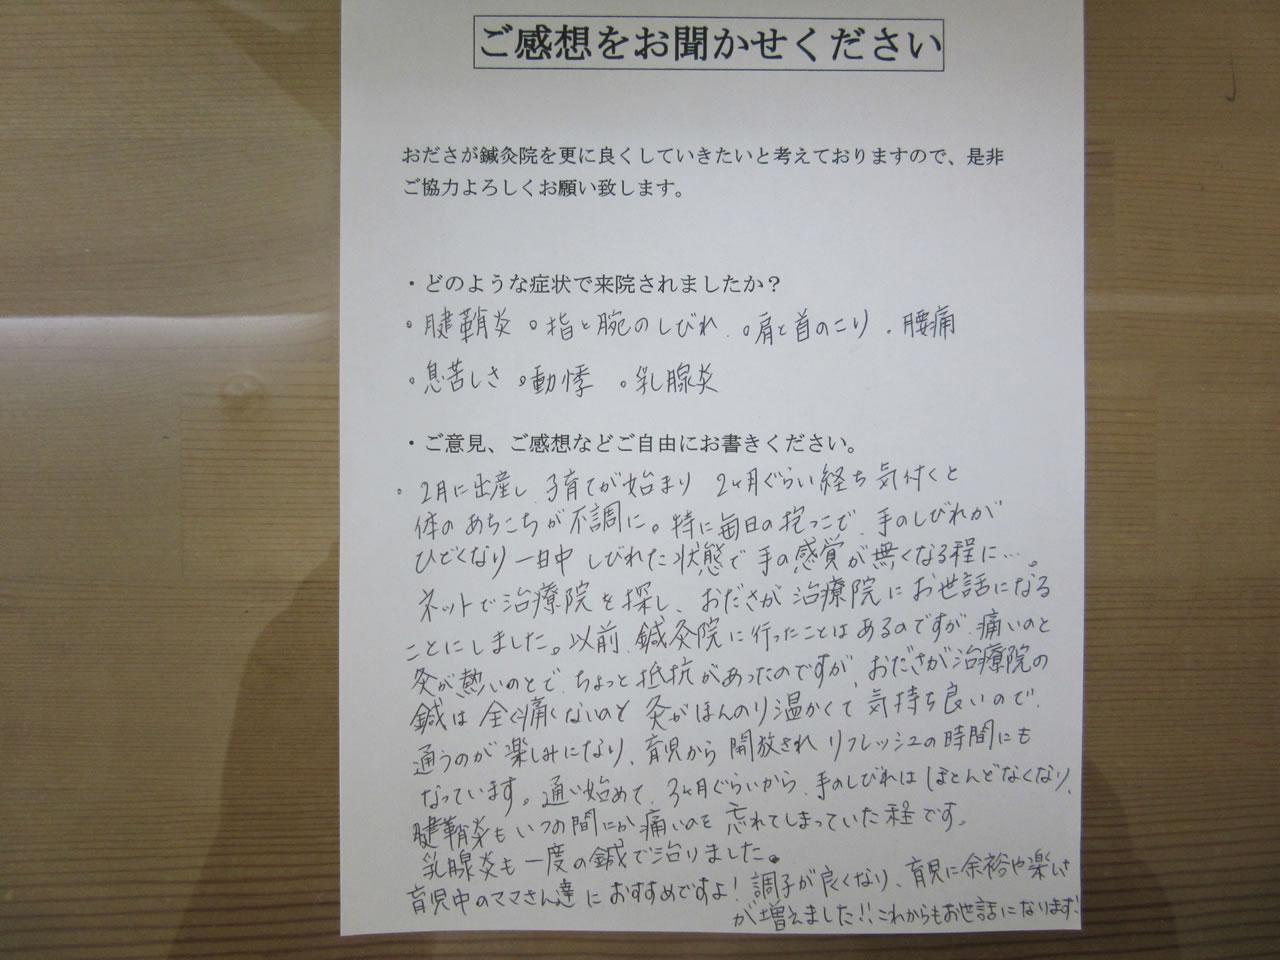 患者からの 手書き手紙 マタニティー鍼灸 腱鞘炎、痺れ、動悸、乳腺炎